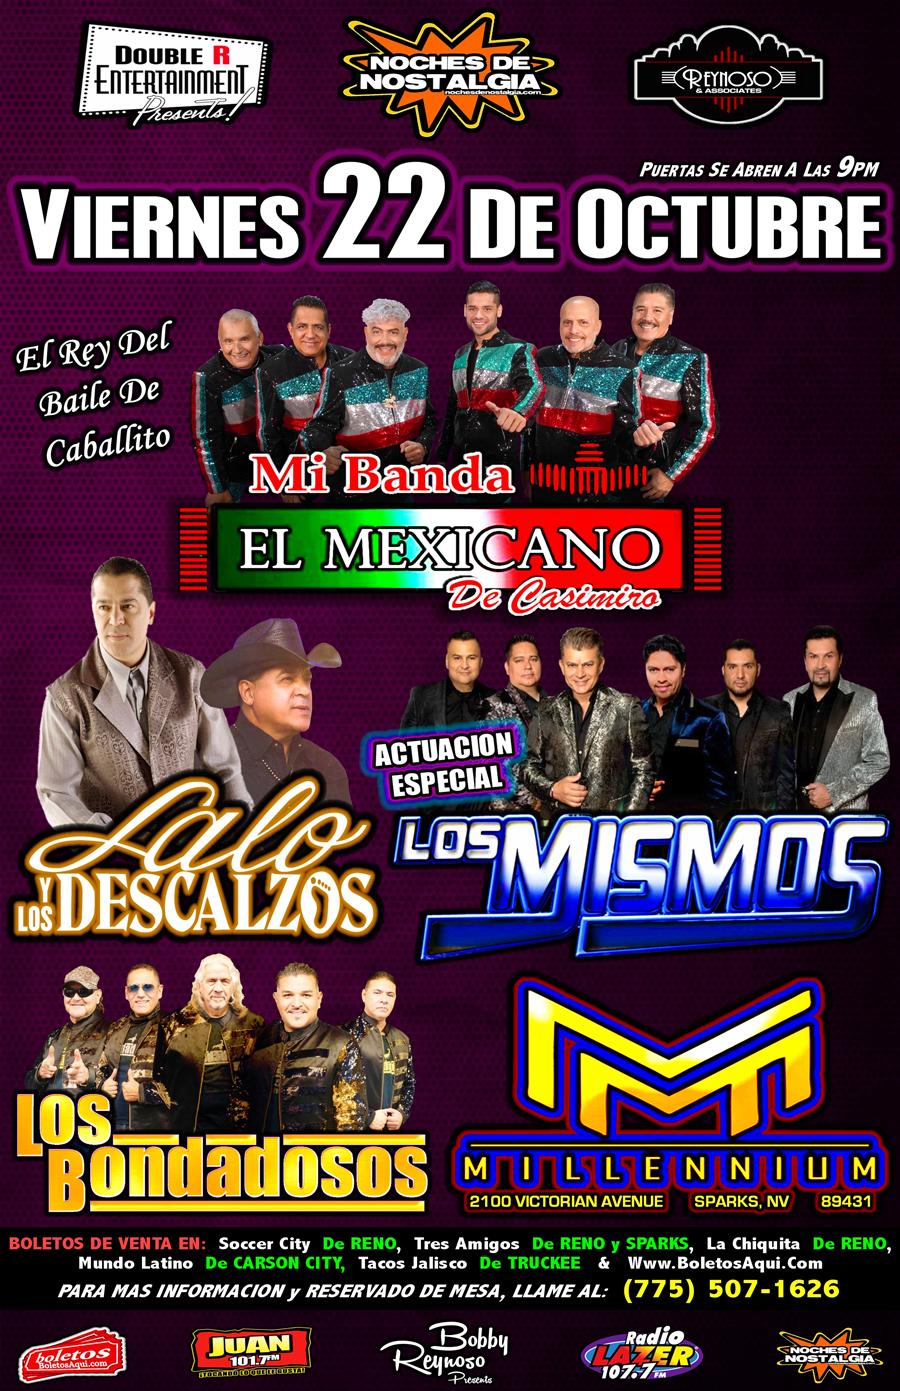 Mi Banda el Mexicano, Lalo y los Descalzos, Los Bondadosos y la actuacion especial de Los Mismos. – Millennium – Sparks, NV